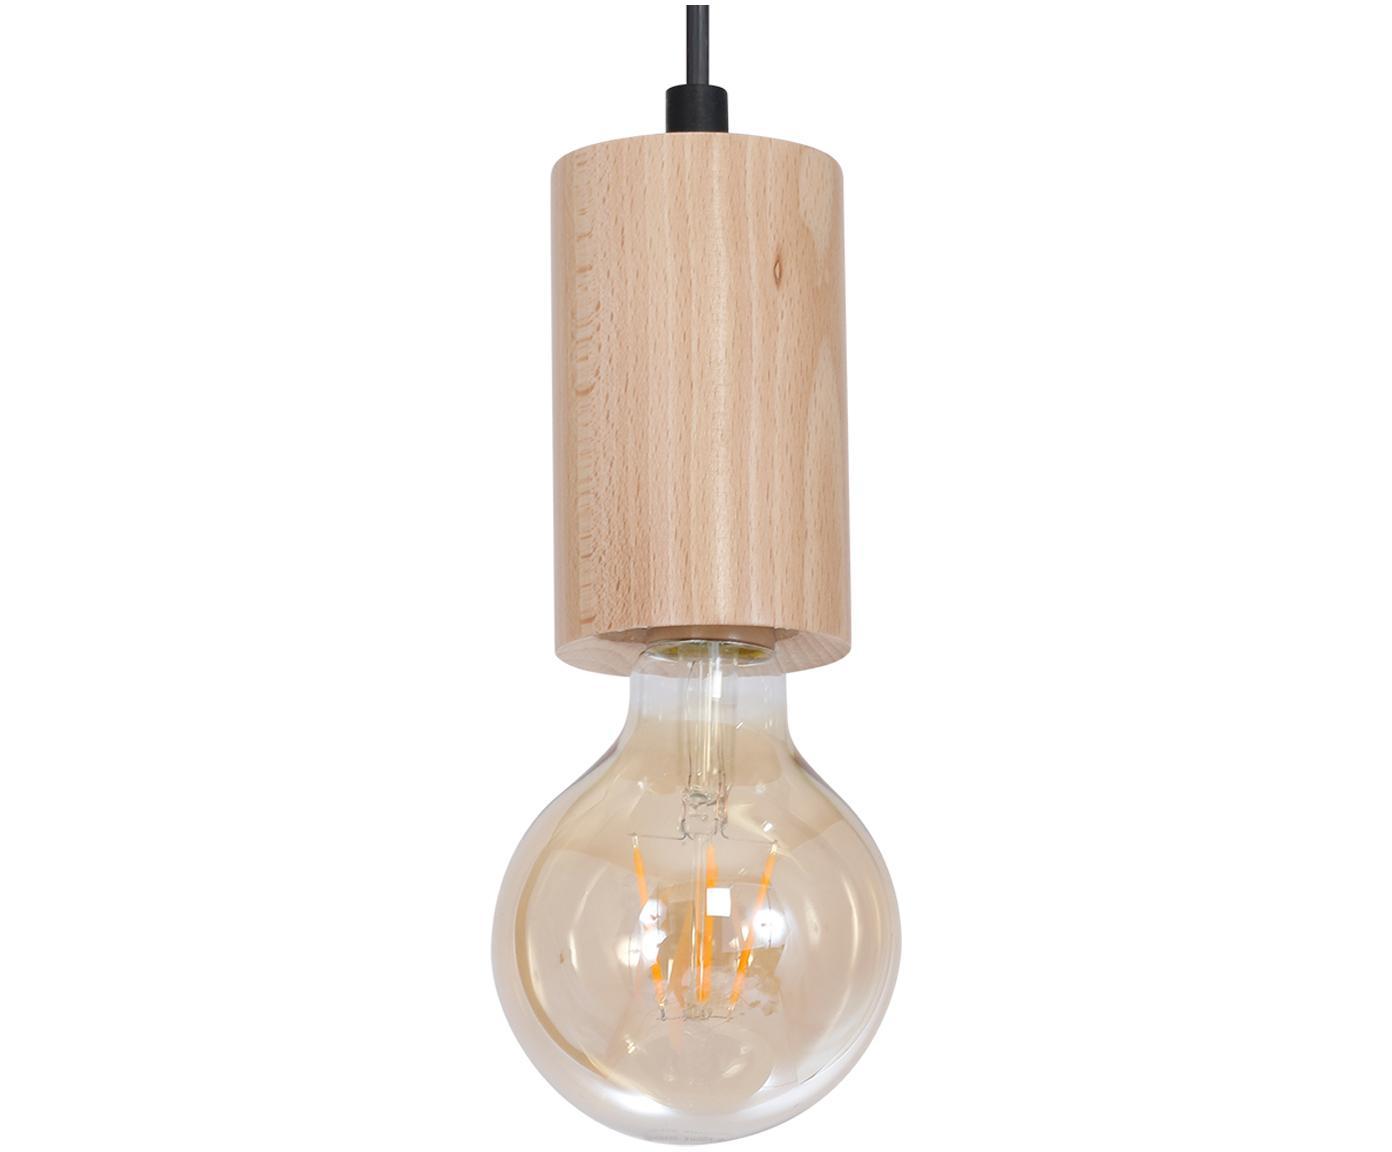 Lampa wisząca z drewna Lines, Drewno naturalne, czarny, Ø 6 x 11 cm